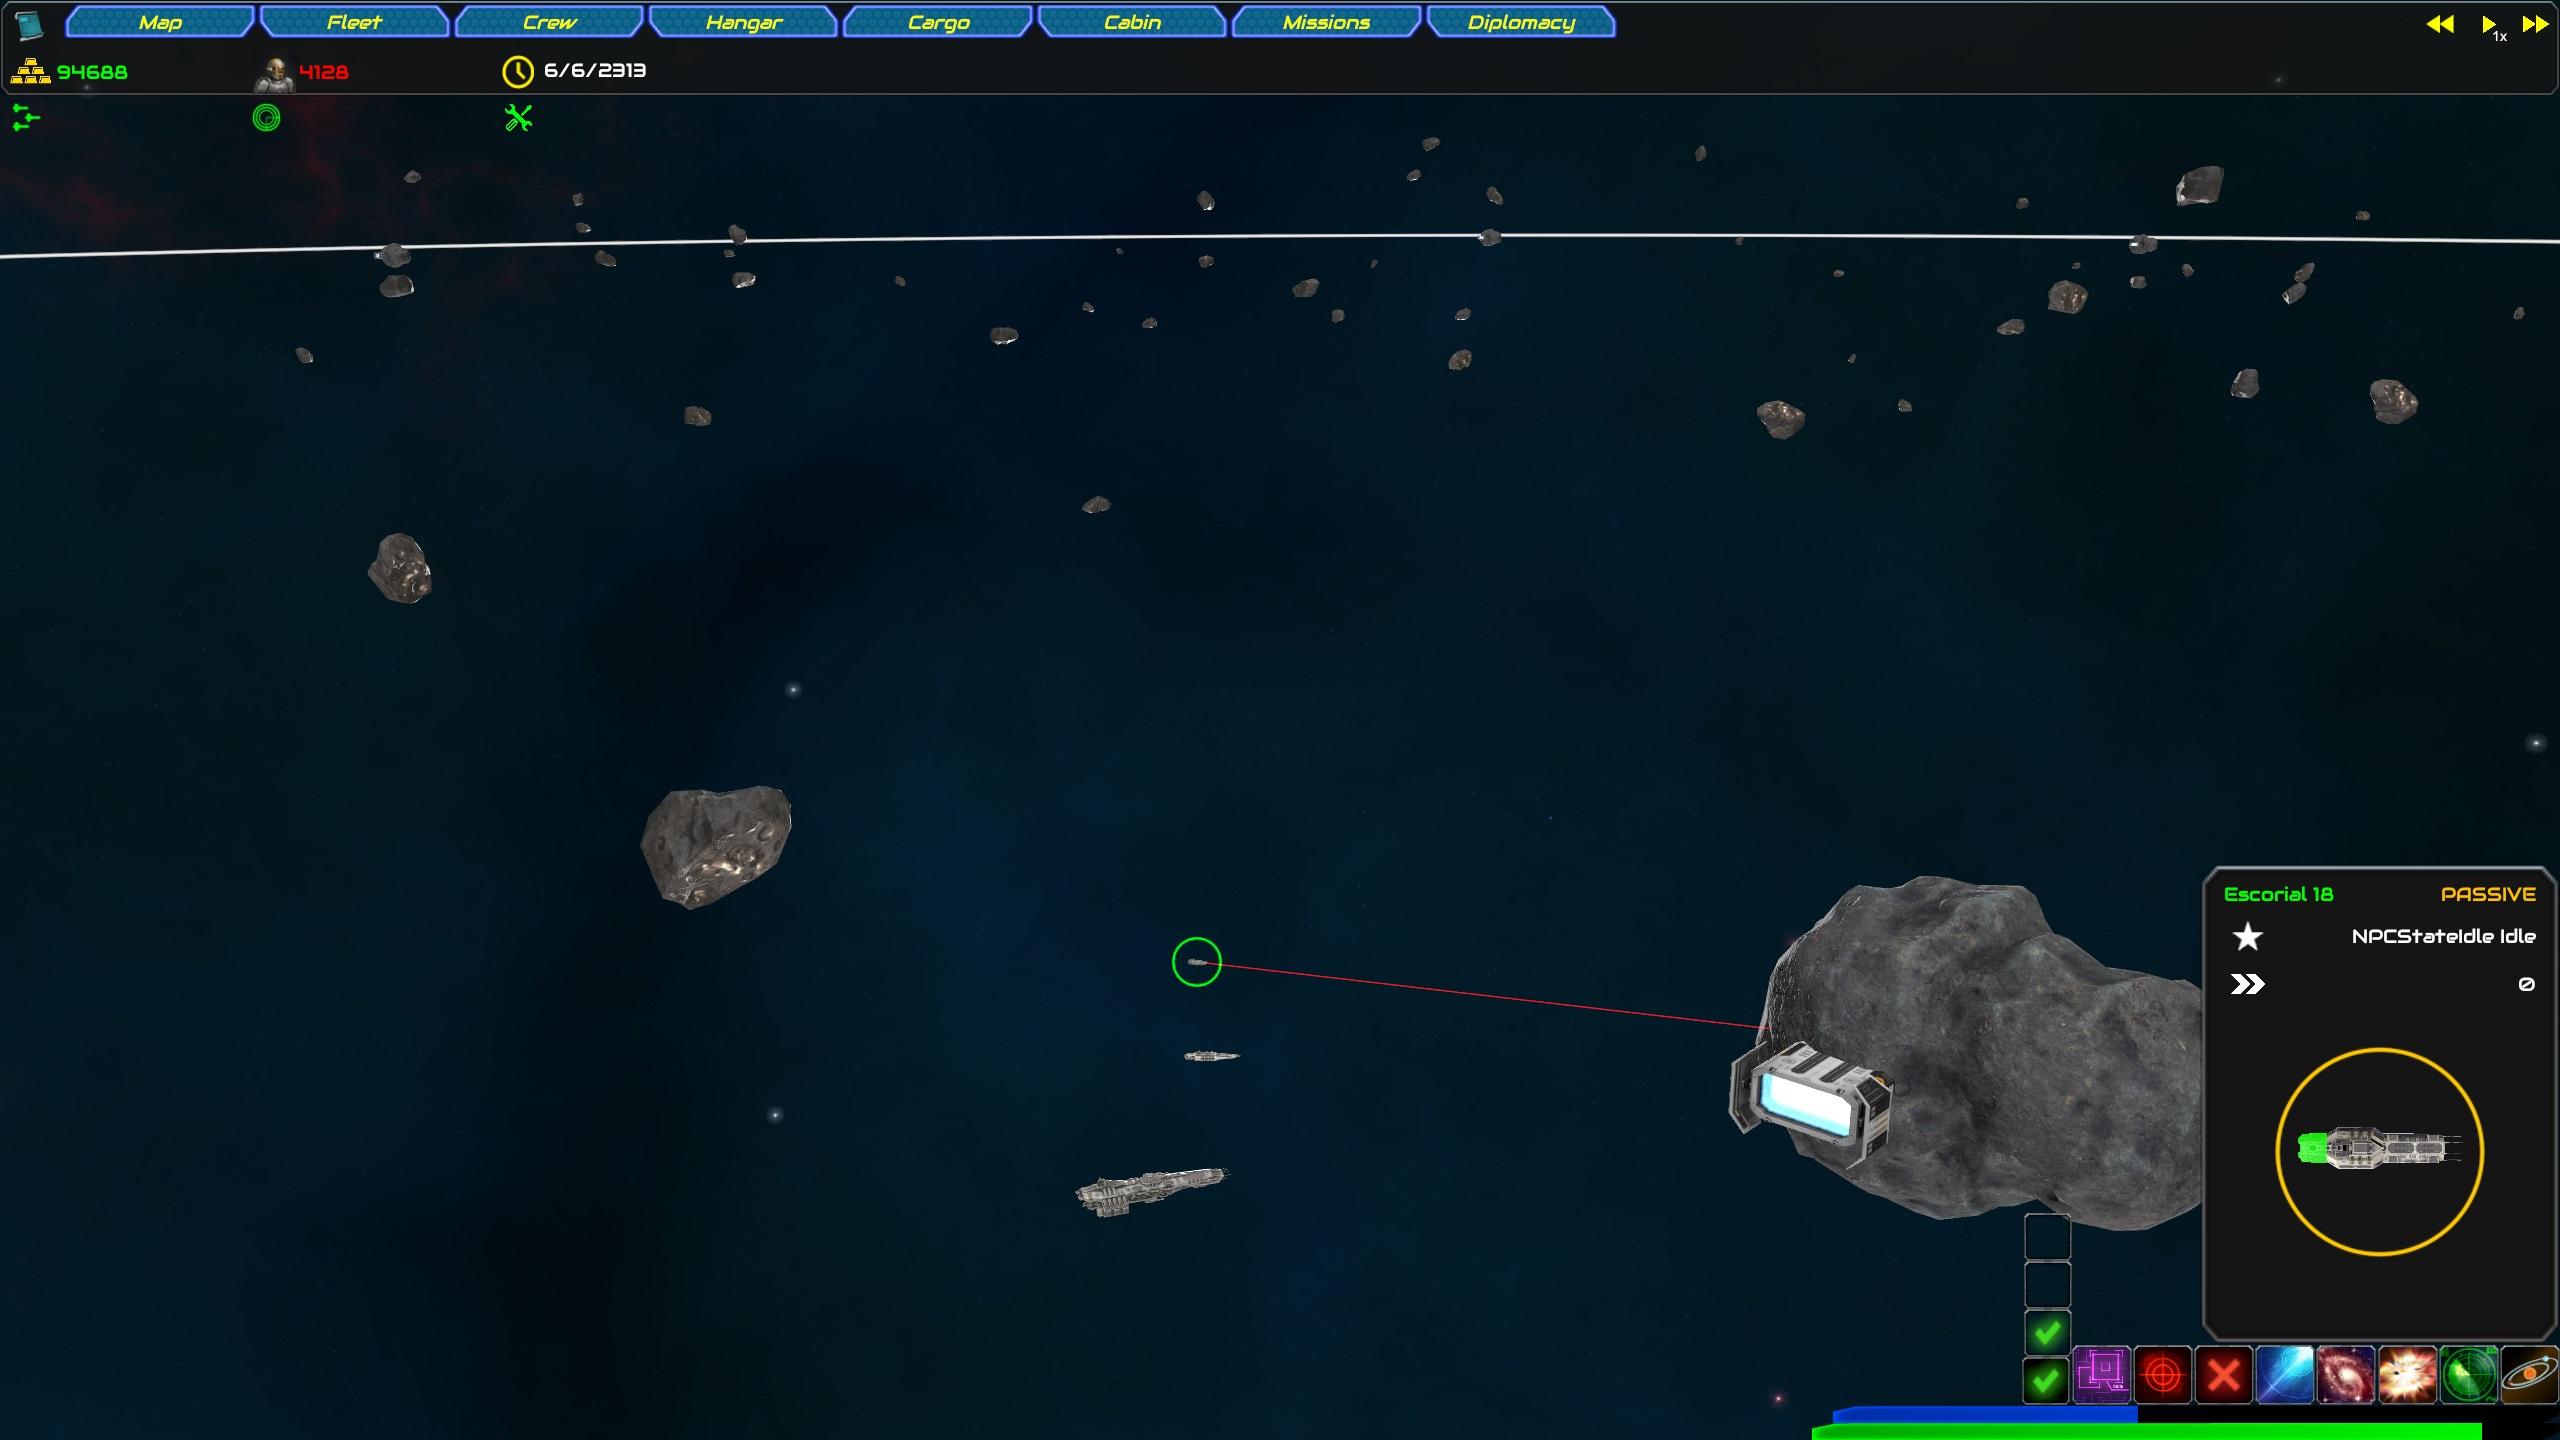 6 asteroidField